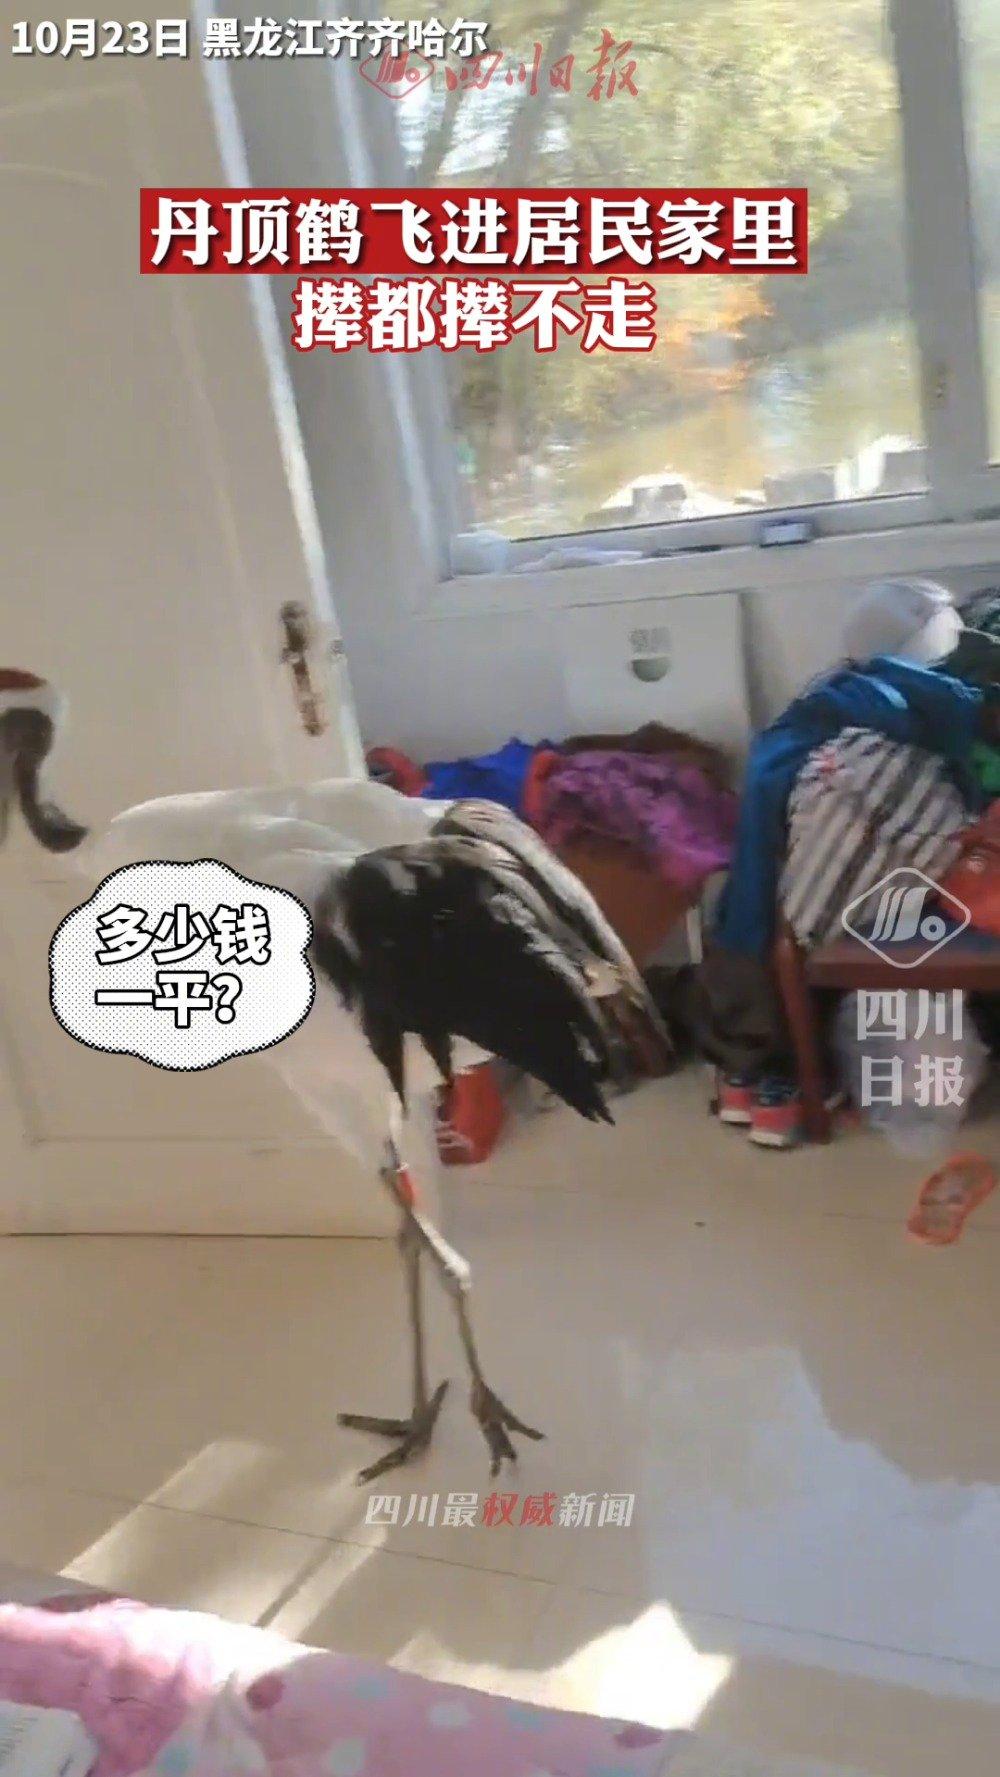 丹顶鹤跑到居民家